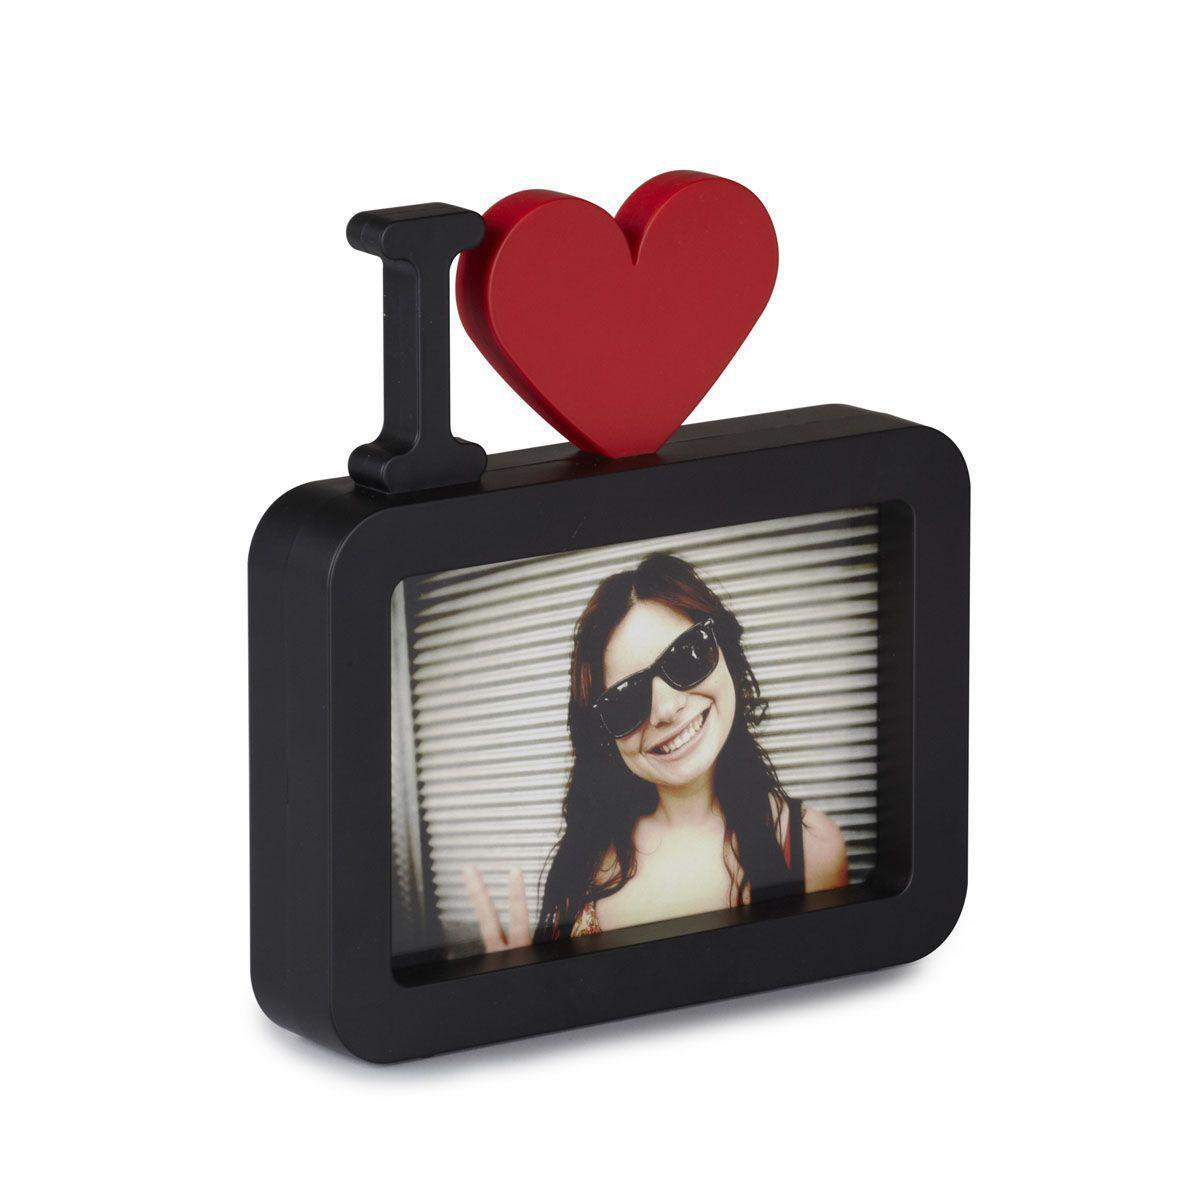 Фоторамка настольная I love U, цвет: черный, 10 х 15 см12723Оригинальная фоторамка I love U выполнена из пластика и оформлена буквой I и красным сердцем, поместив в нее фотографию, вы получите оригинальное признание в любви. Рамка очень устойчива, и ее можно поставить на столик или любую другую поверхность. Рамка позволит сохранить на память изображения дорогих вам людей и интересных событий вашей жизни. С таким украшением вы сможете не просто внести в интерьер своего дома элемент необычности, но и создать атмосферу уюта и тепла. Характеристики: Материал: пластик ABS. Размер фоторамки: 17,5 см х 12,5 х 3,2 см. Цвет: Черный. Формат фотографии: 10 см х 15 см.